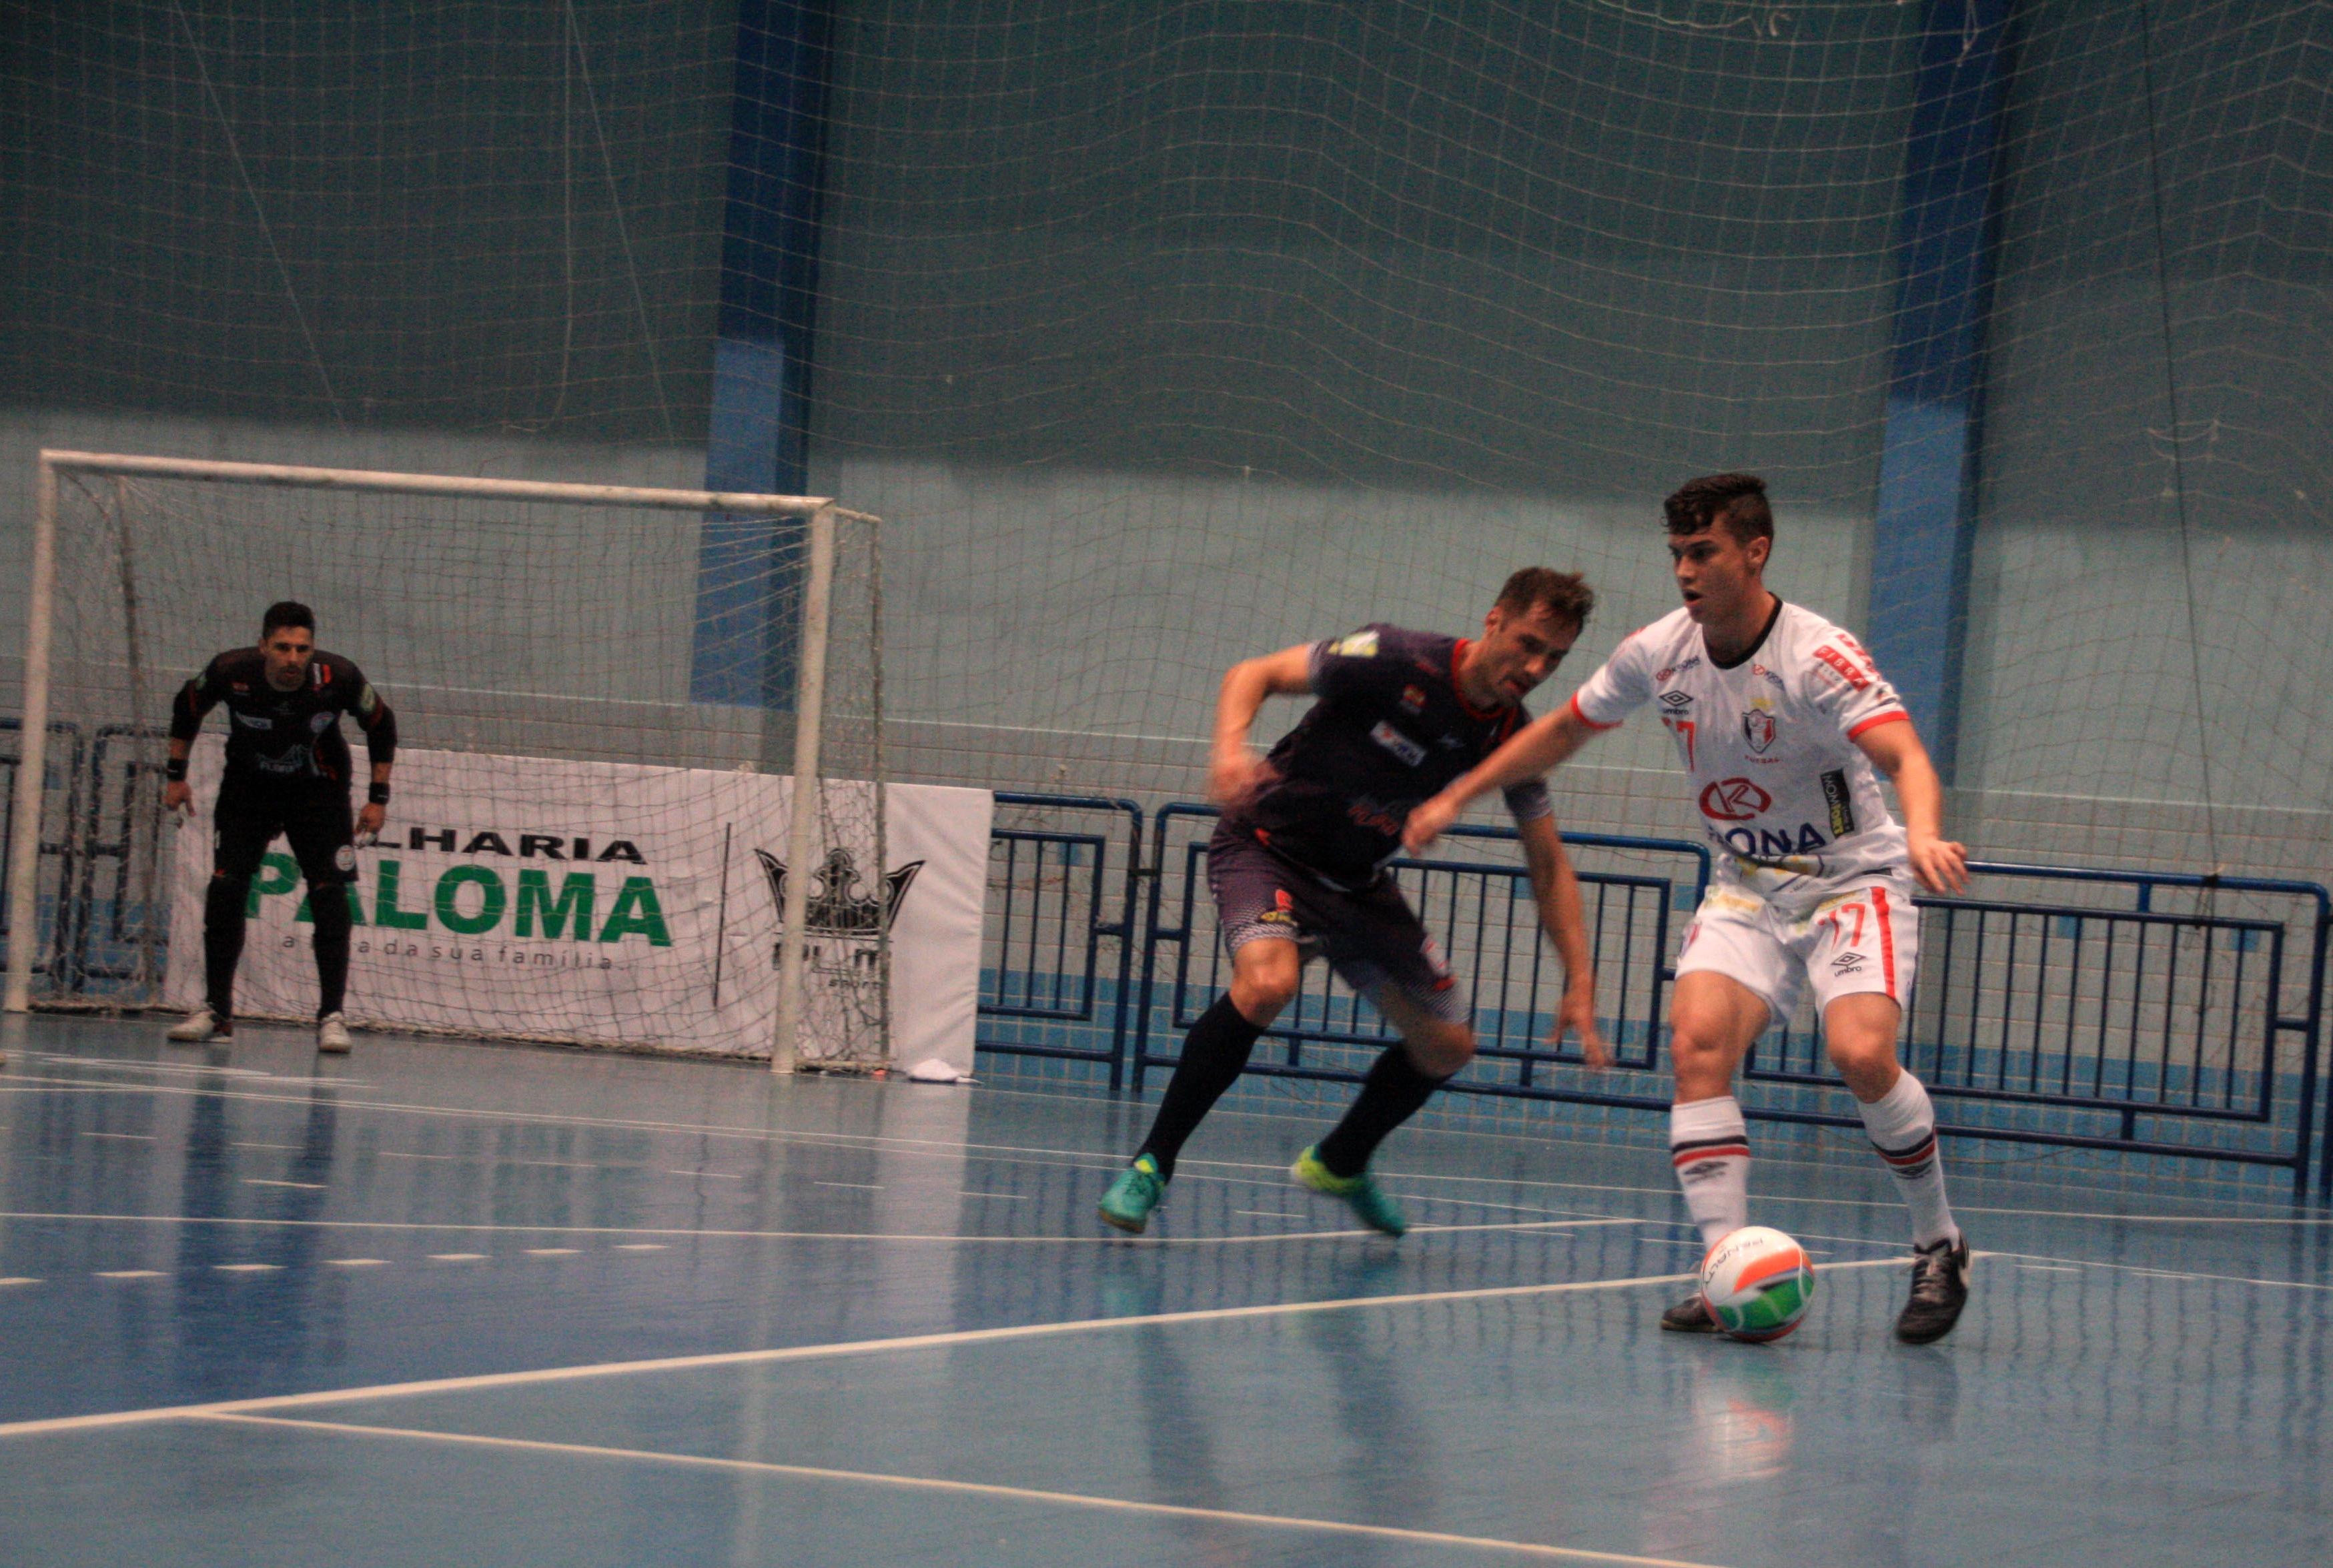 Floripa Futsal e JEC Krona fizeram um jogo muito equilibrado - JEC Krona/Divulgação/ND